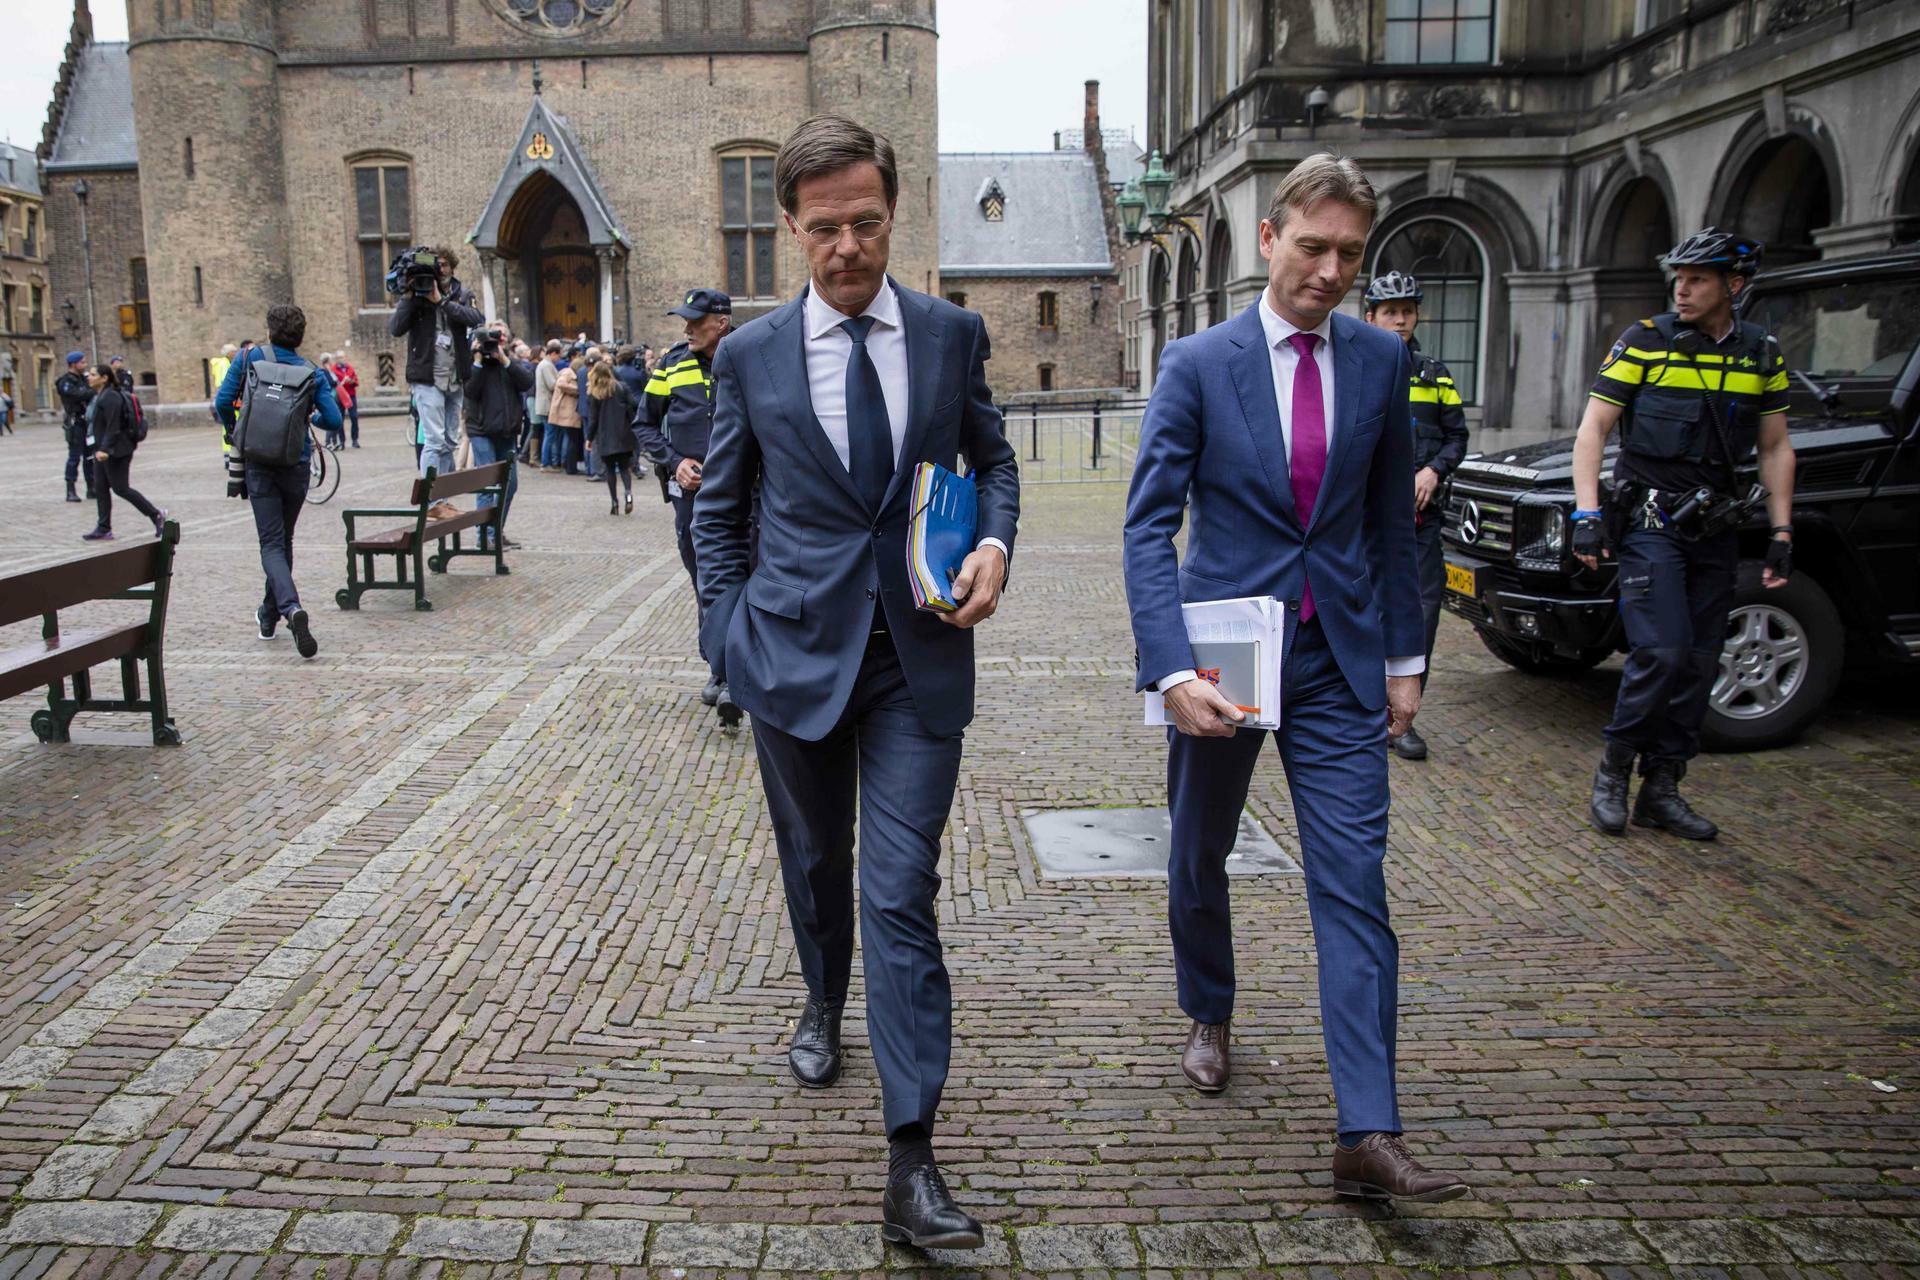 niederlande mark rutte steht weiterhin